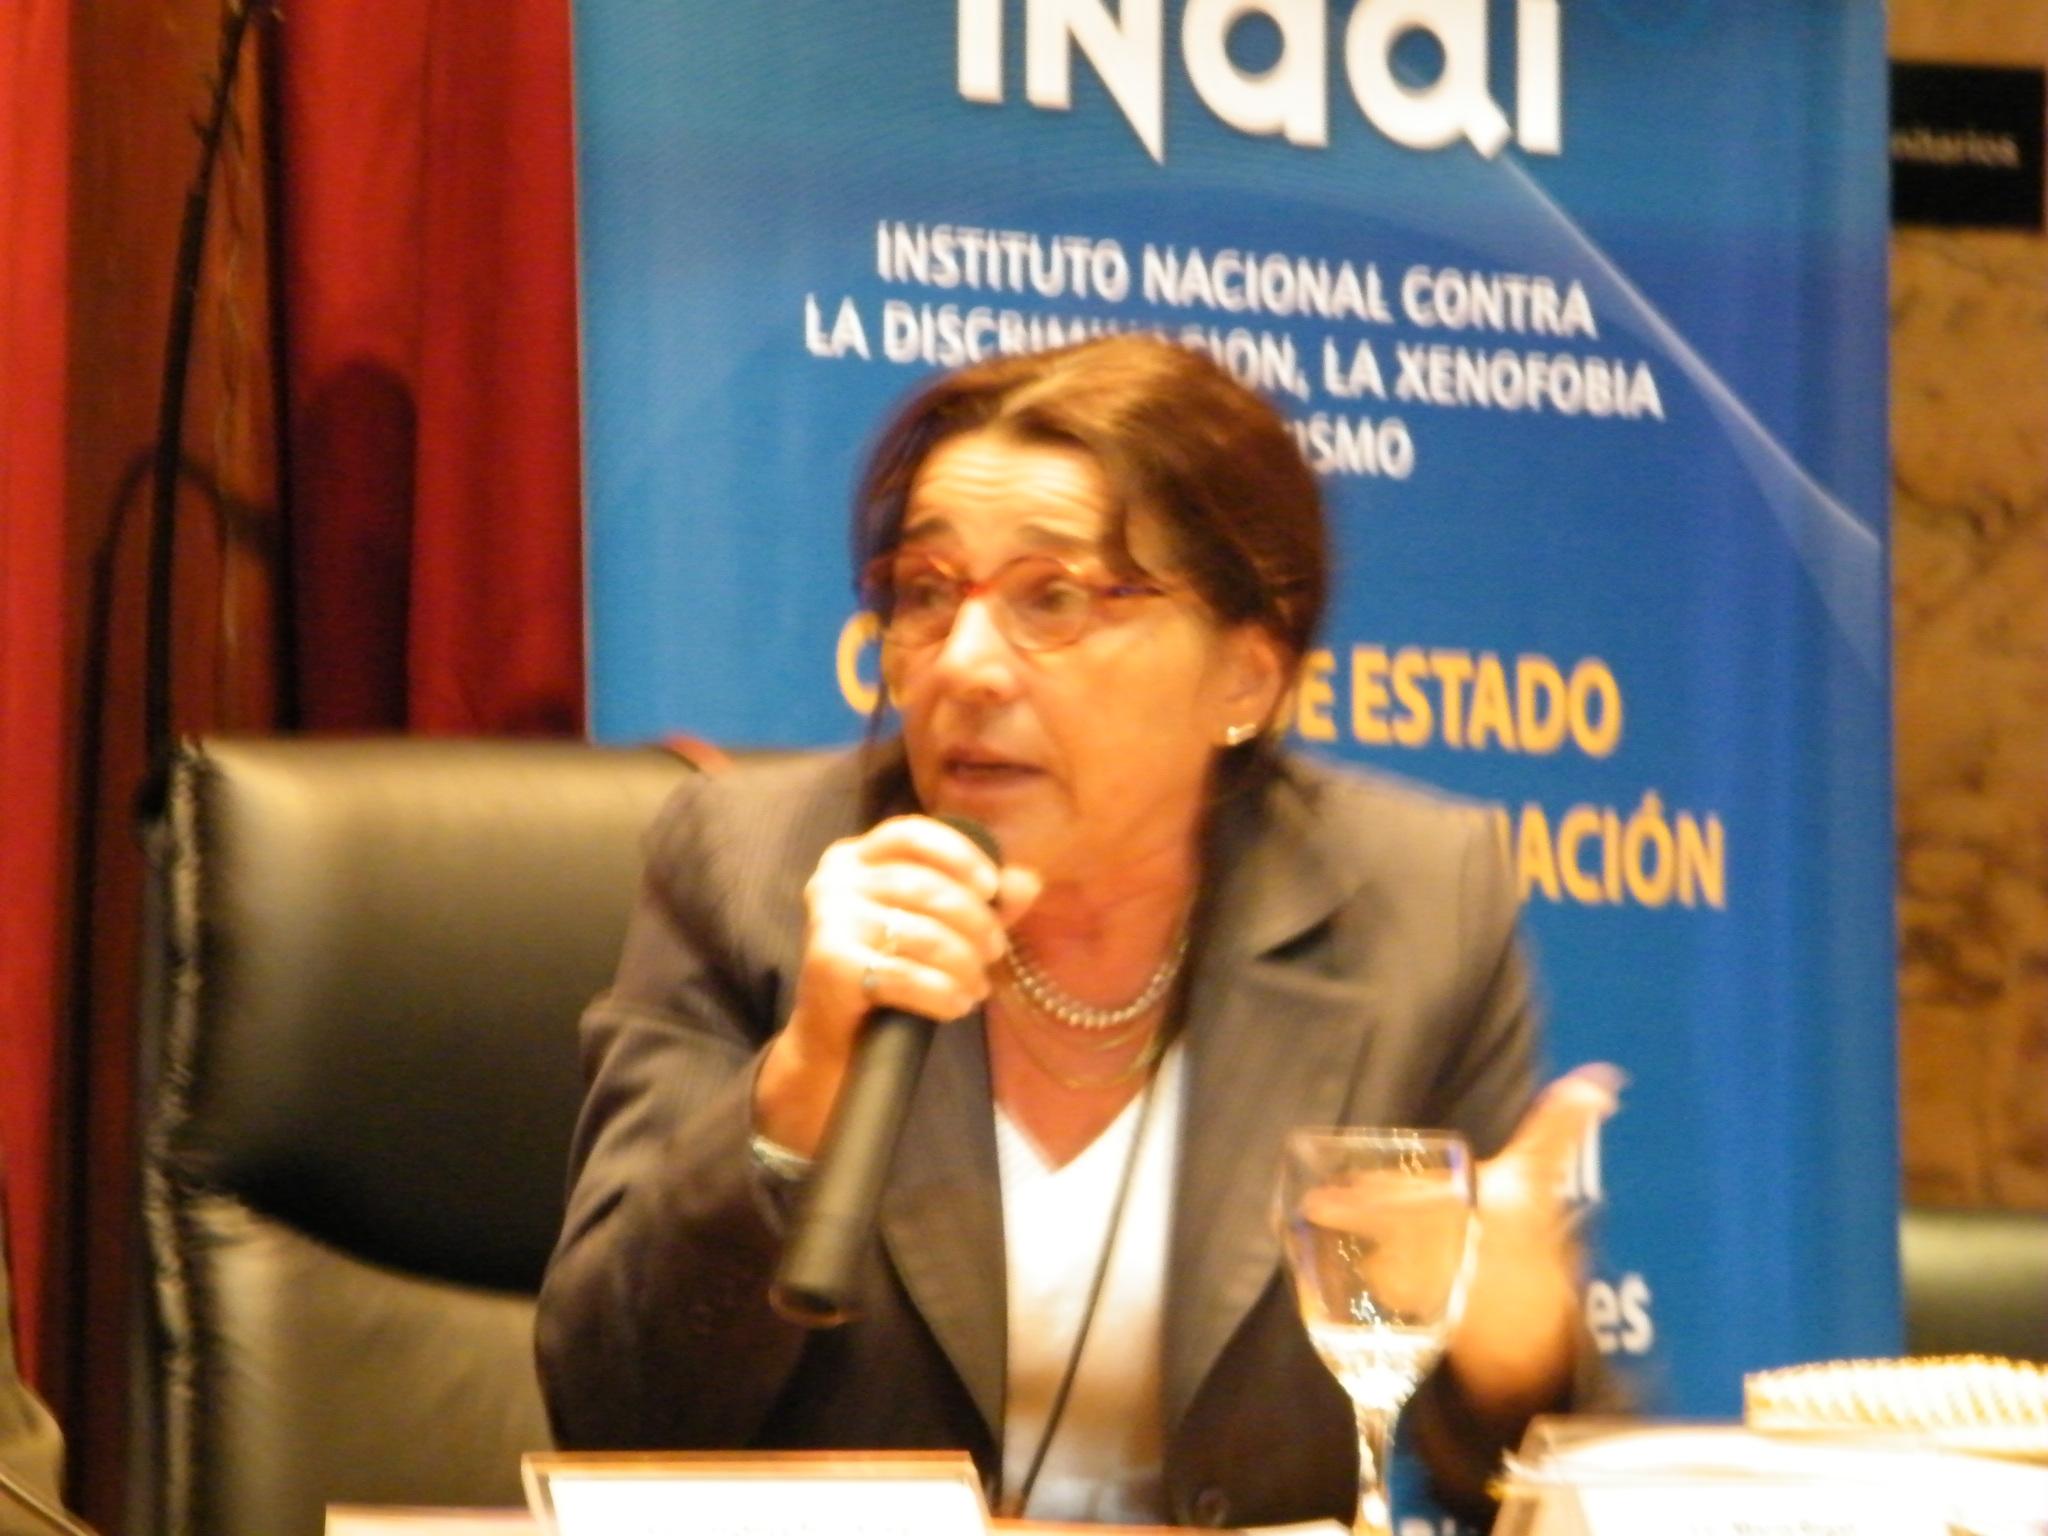 Organizado por el INADI, se impulsan políticas públicas contra la discriminación de género.